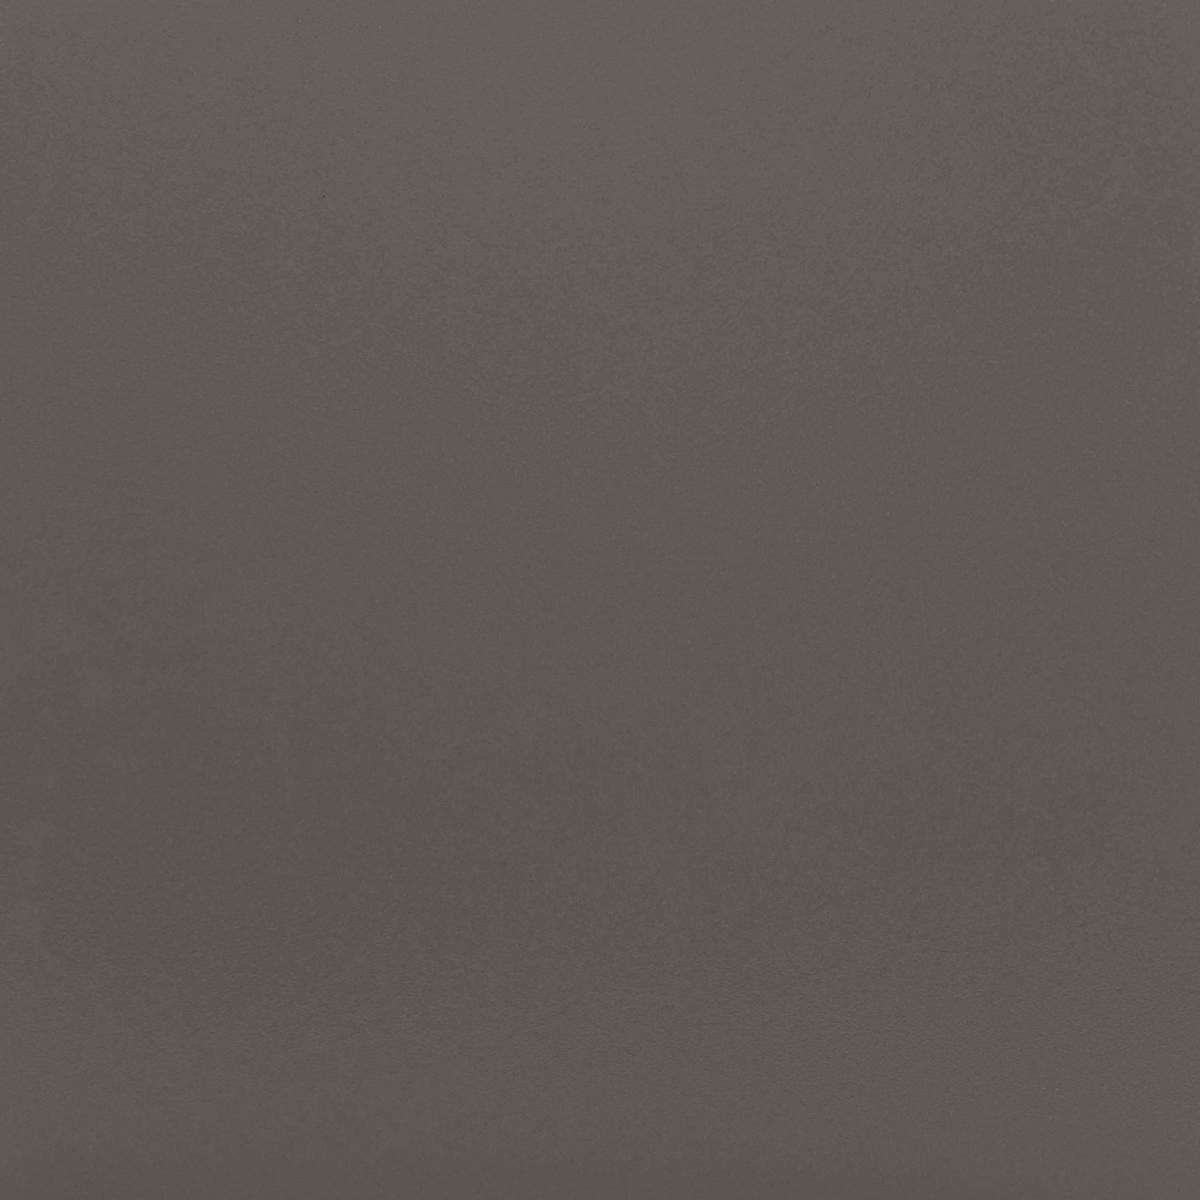 مونوکالر هایپر خاکستری